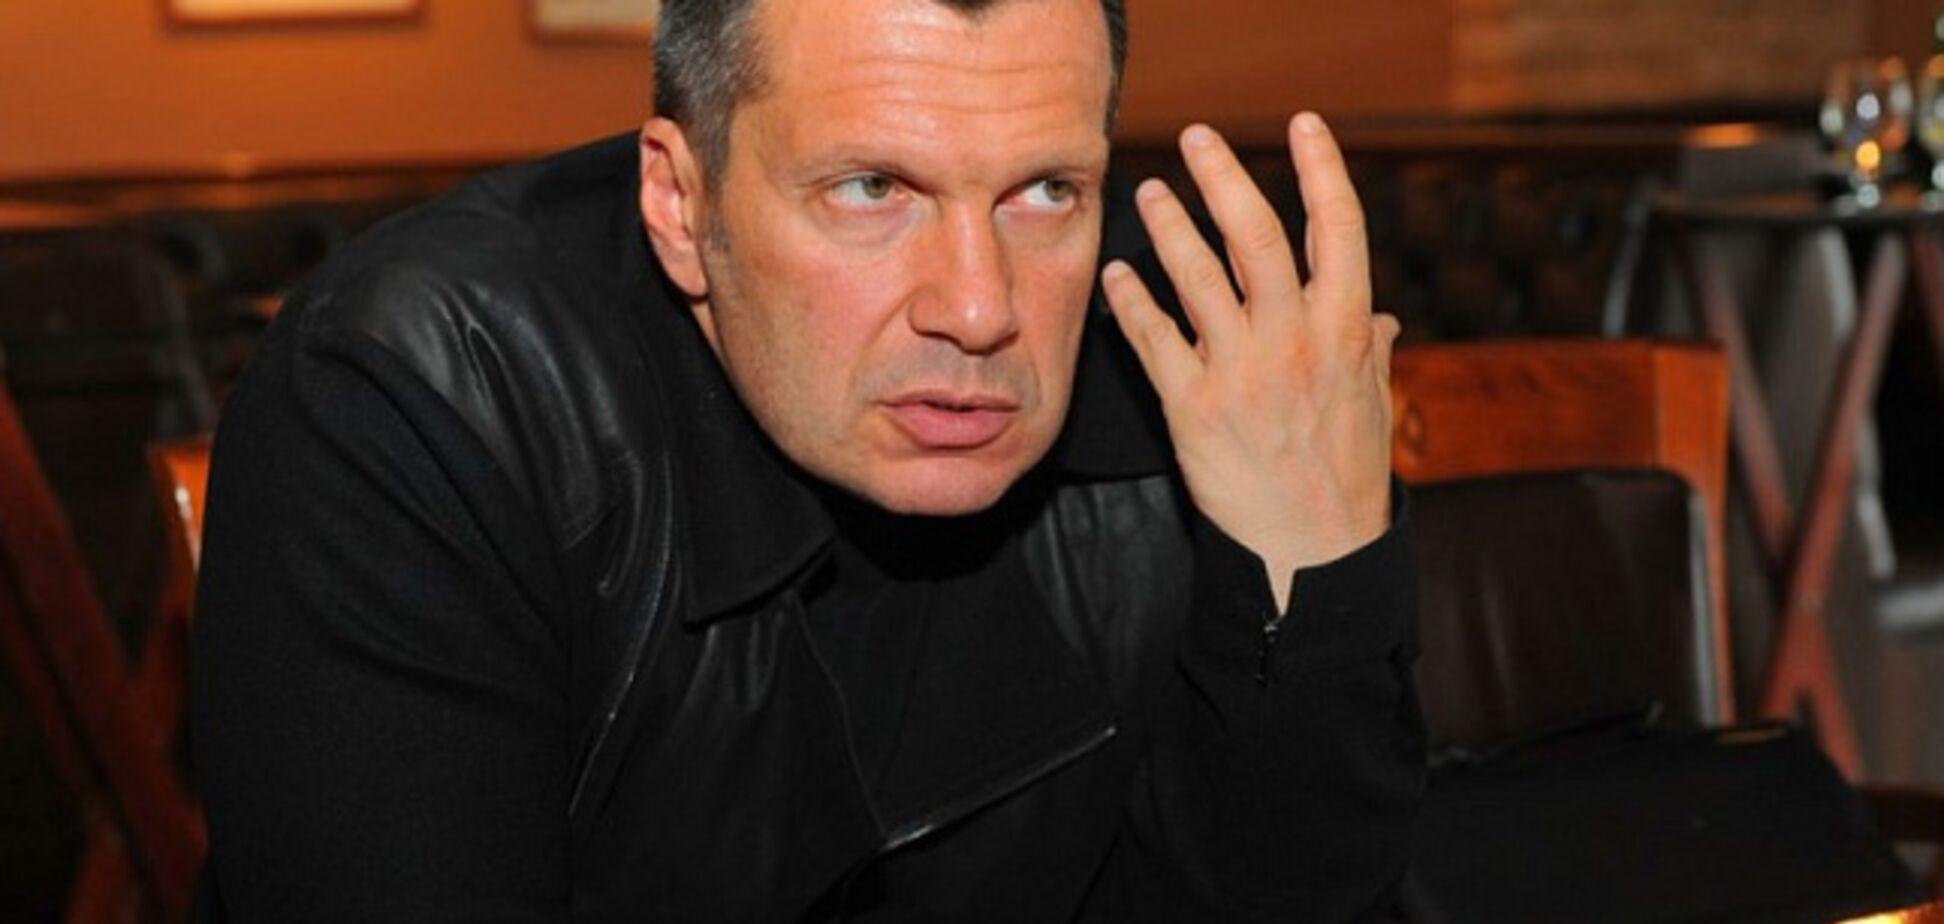 'Давай про чеченців, а не баб': 'сміливця' Лимонова затролліл головний пропагандист Путіна